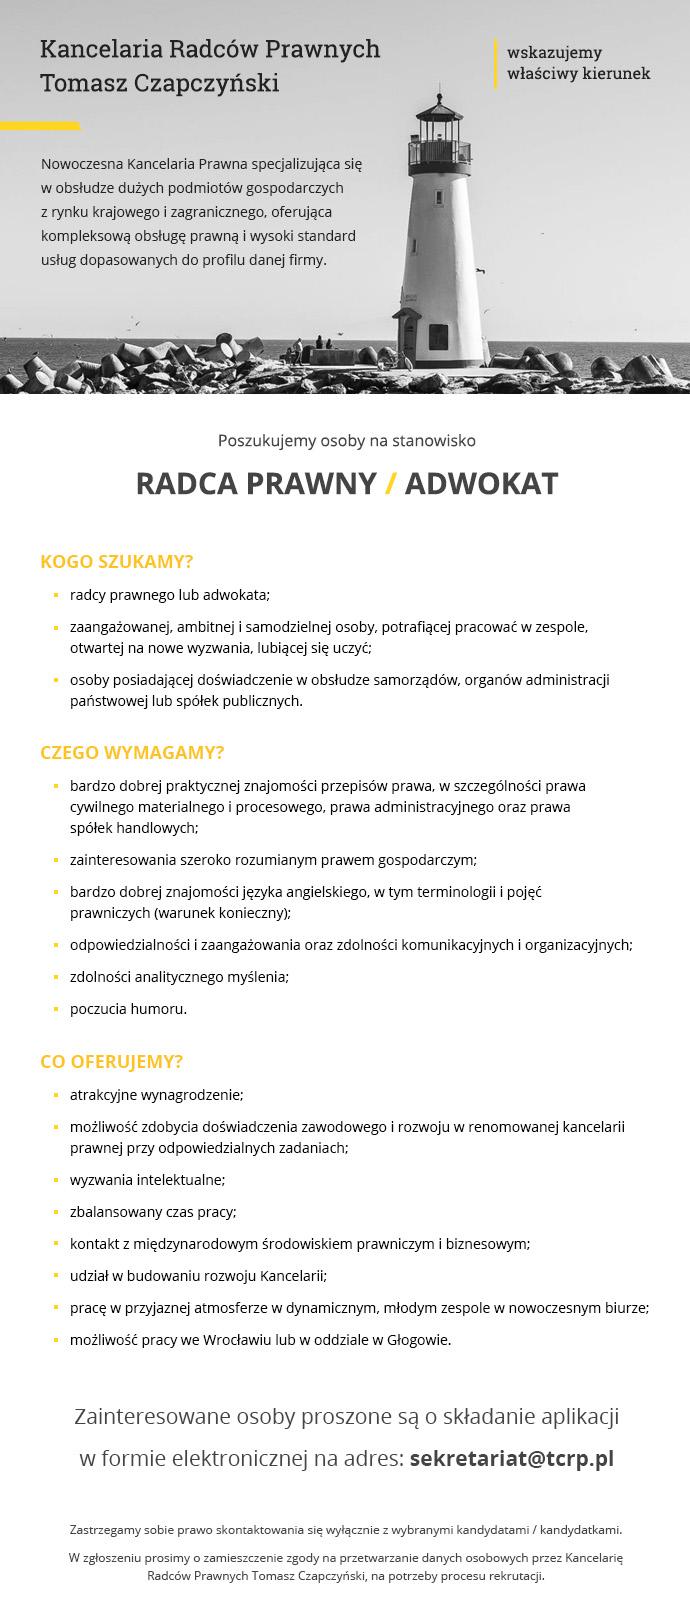 Oferta pracy - kancelaria Czapczyński